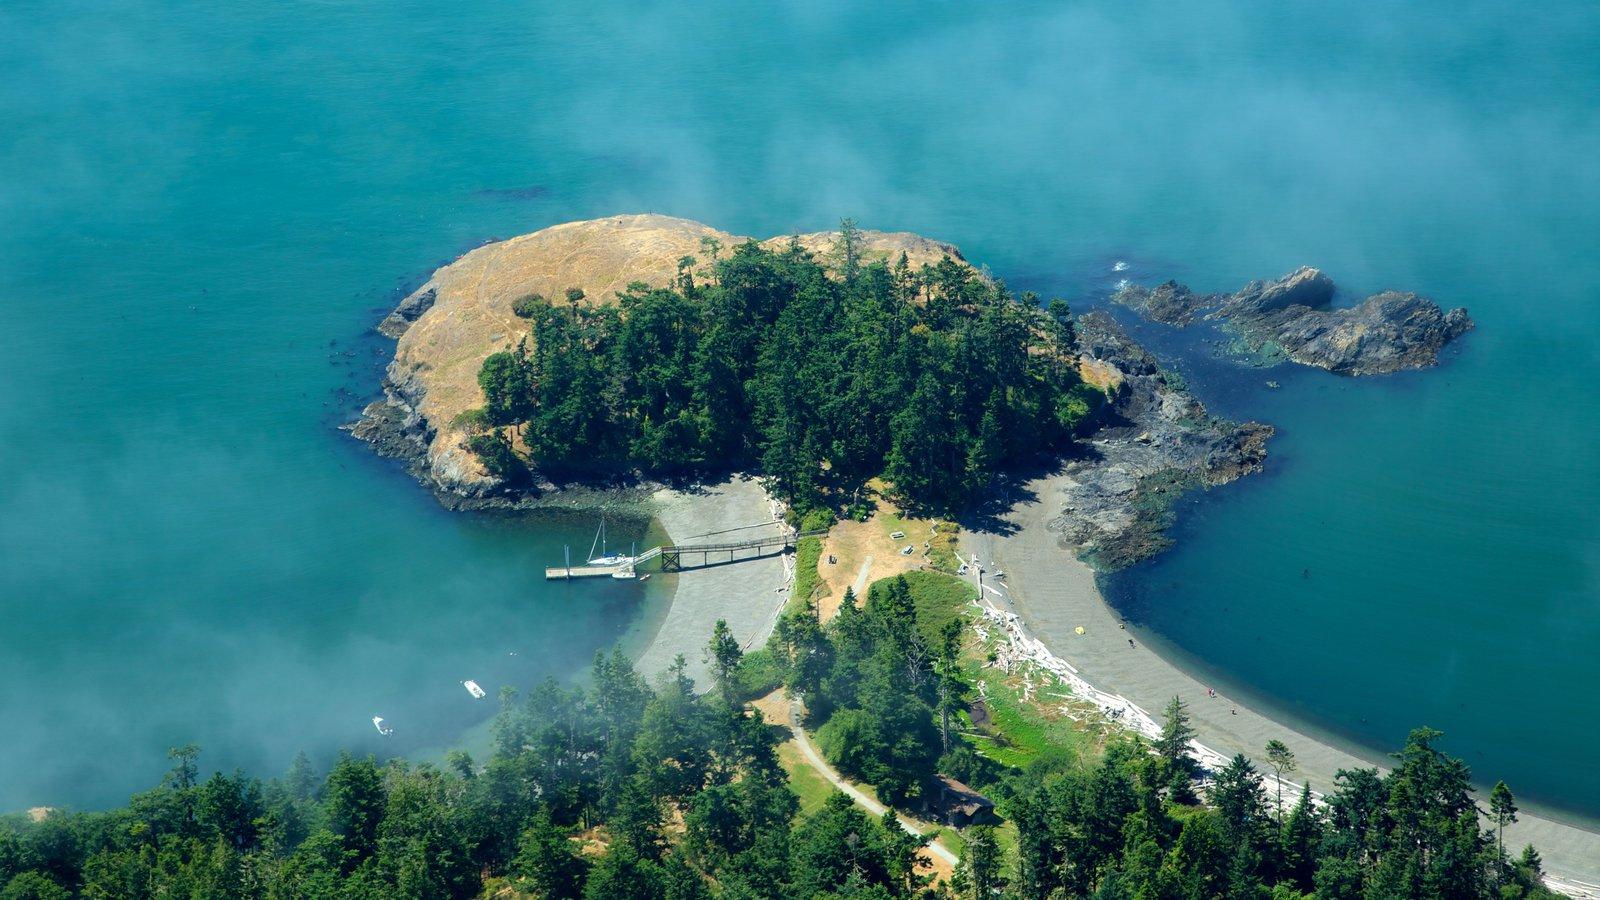 Seattle que inclui paisagens litorâneas e cenas de floresta